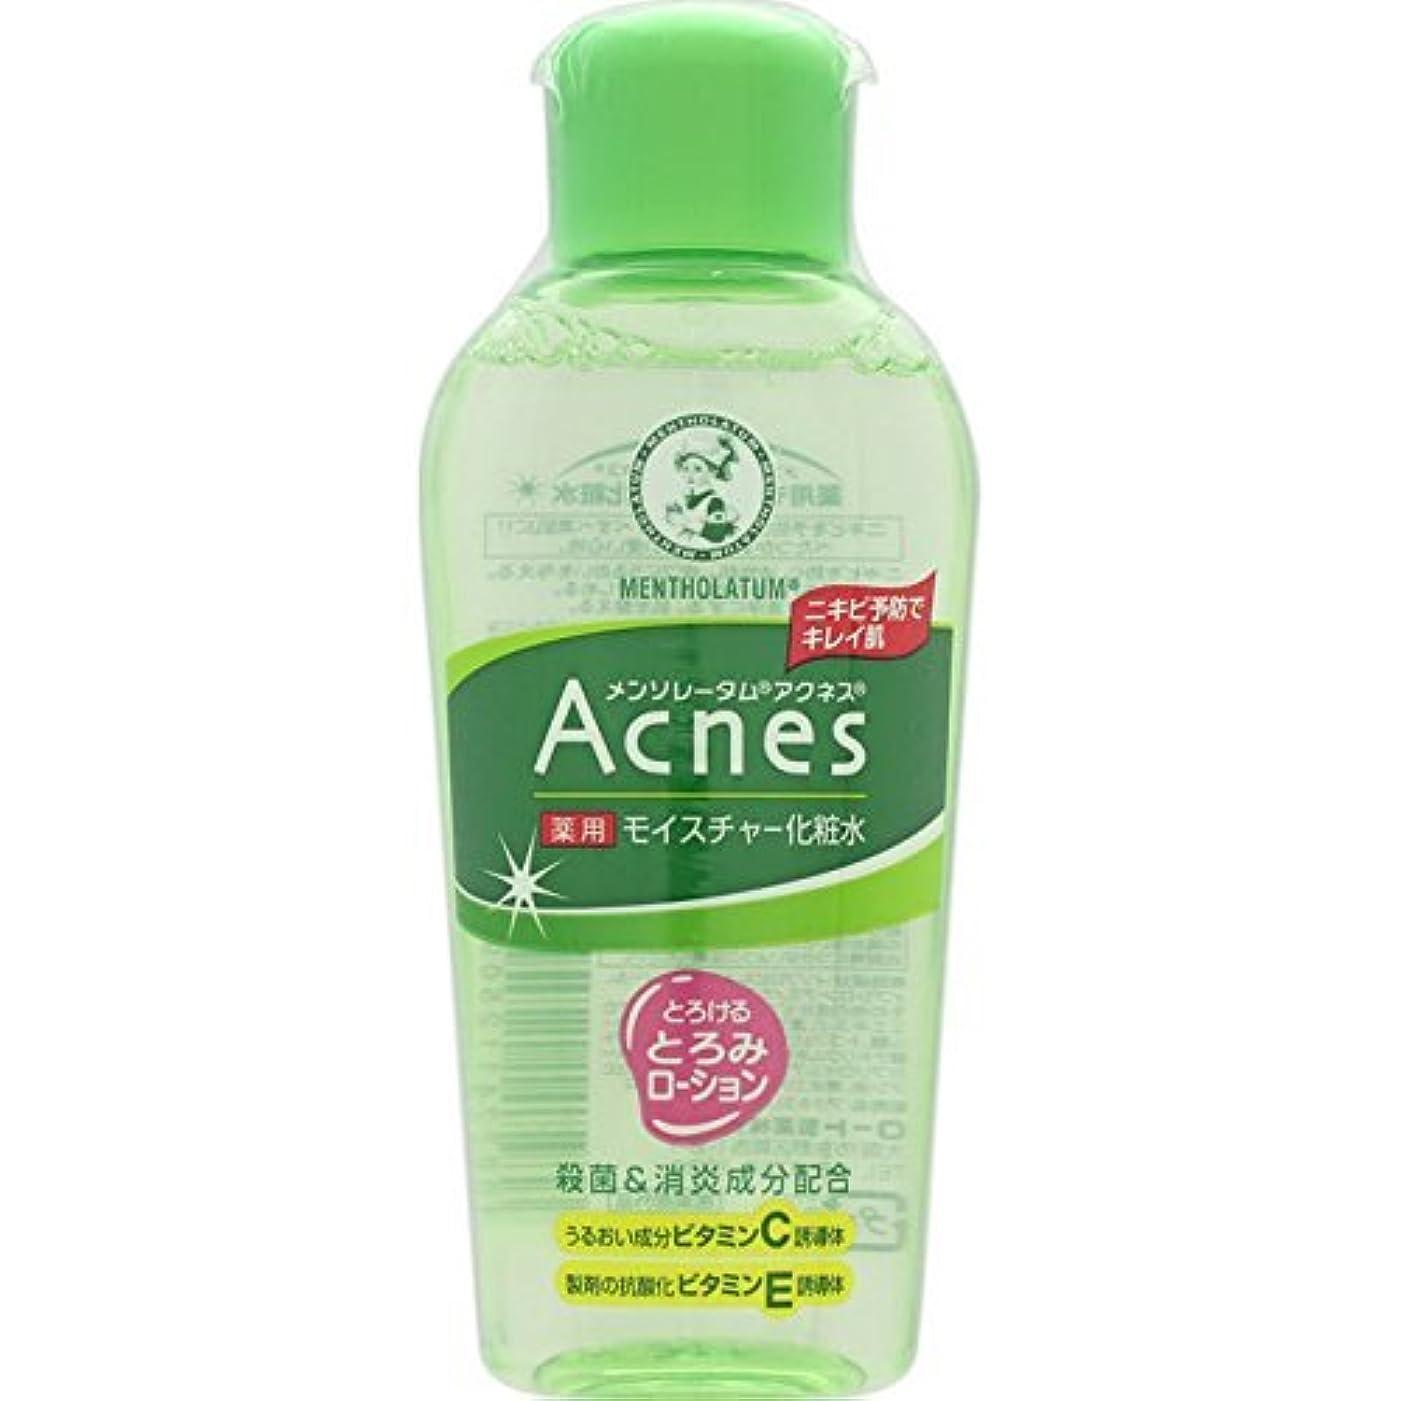 究極の民主主義Acnes(アクネス) 薬用モイスチャー化粧水 120mL【医薬部外品】